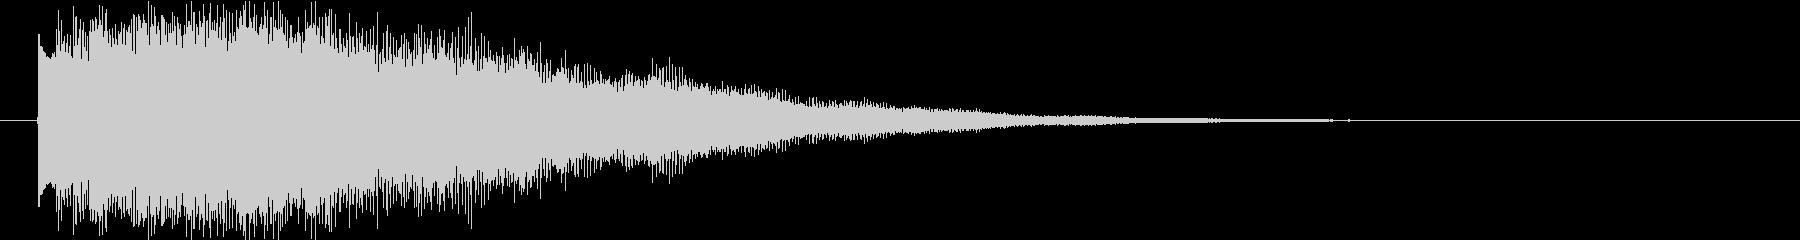 アンビエントなエレピ#1・サウンドロゴ等の未再生の波形